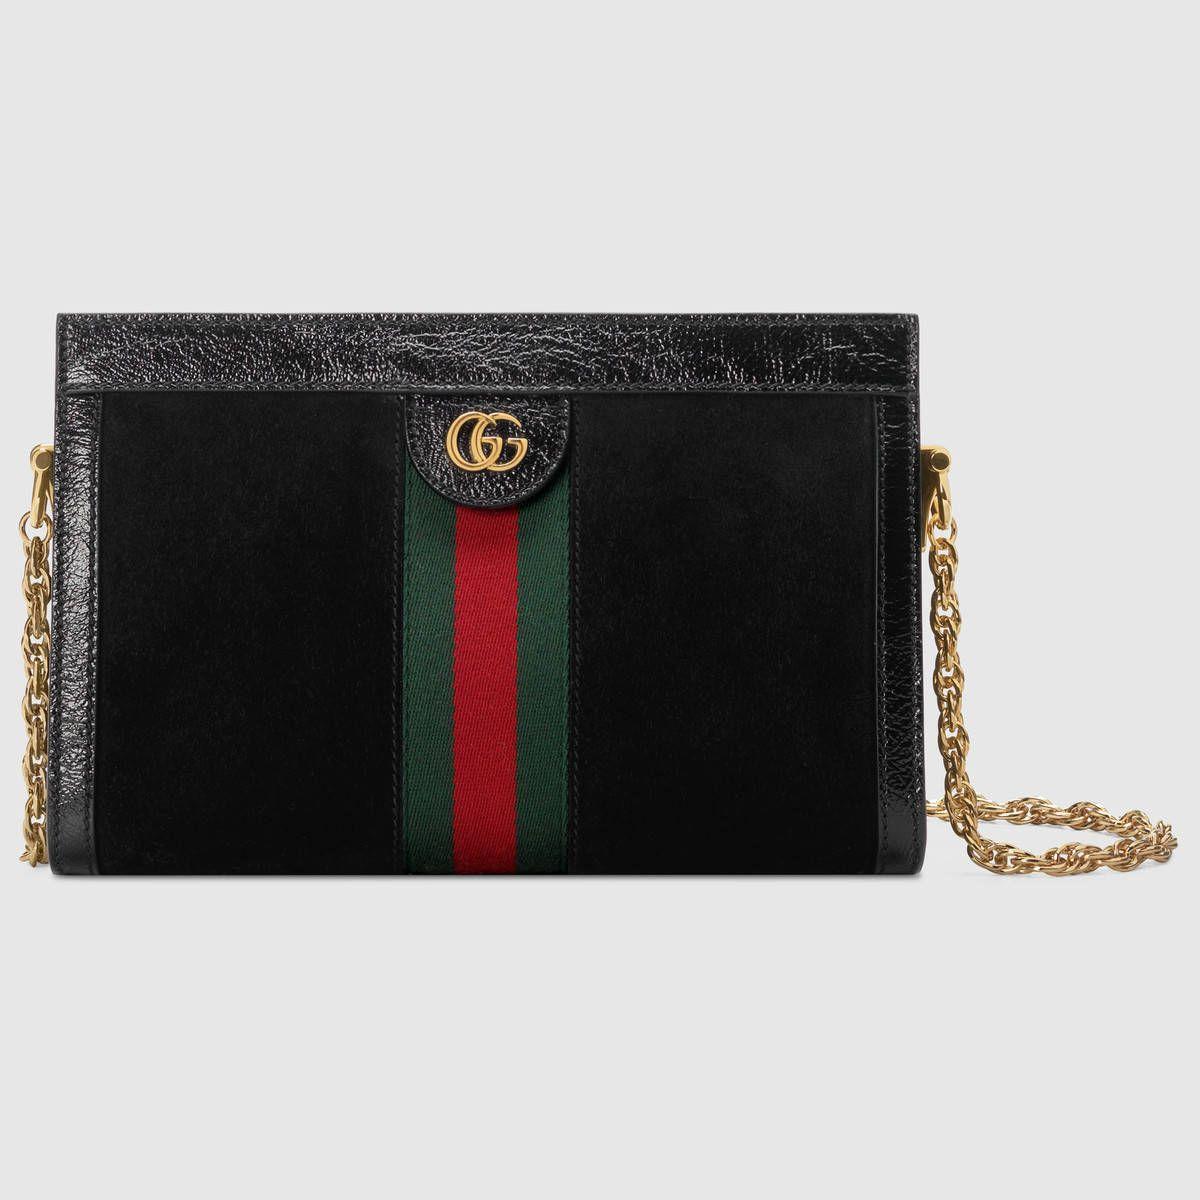 c951de7a14acb Compra ahora Bolso de Hombro Ophidia Pequeño de Gucci. Elaborado en ante  negro con incrustación